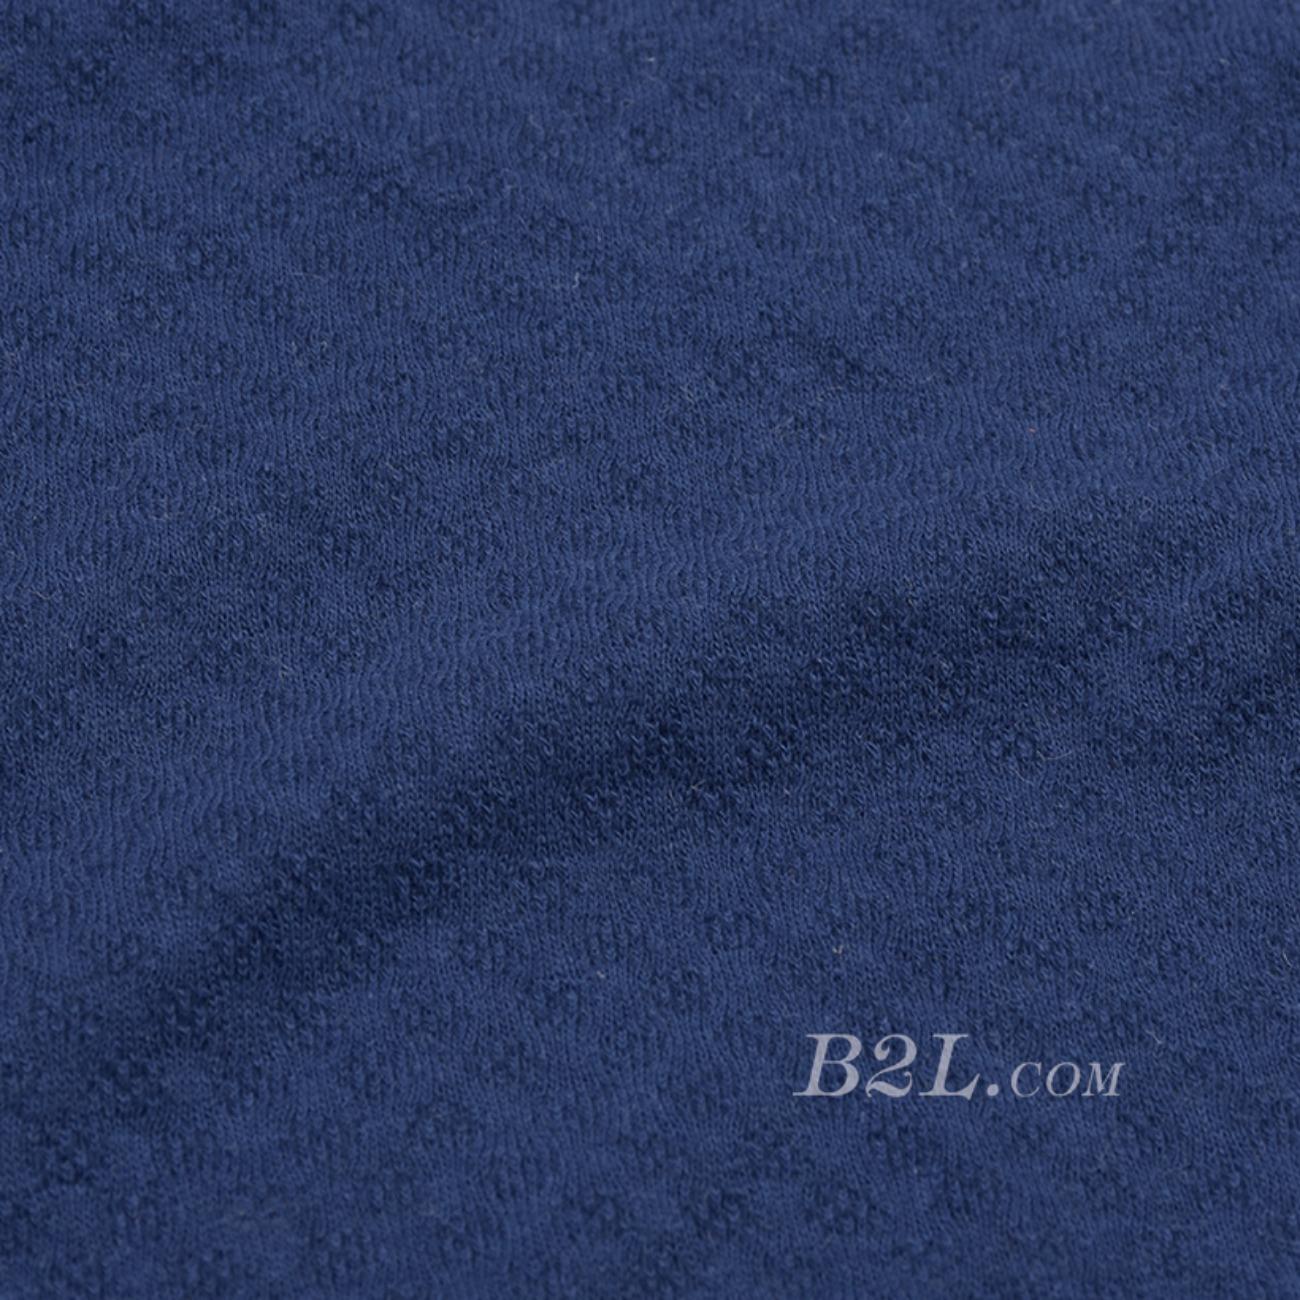 素色 针织 麻料 染色 弹力 春秋 T恤 外套 裤装 男装 女装 80520-13